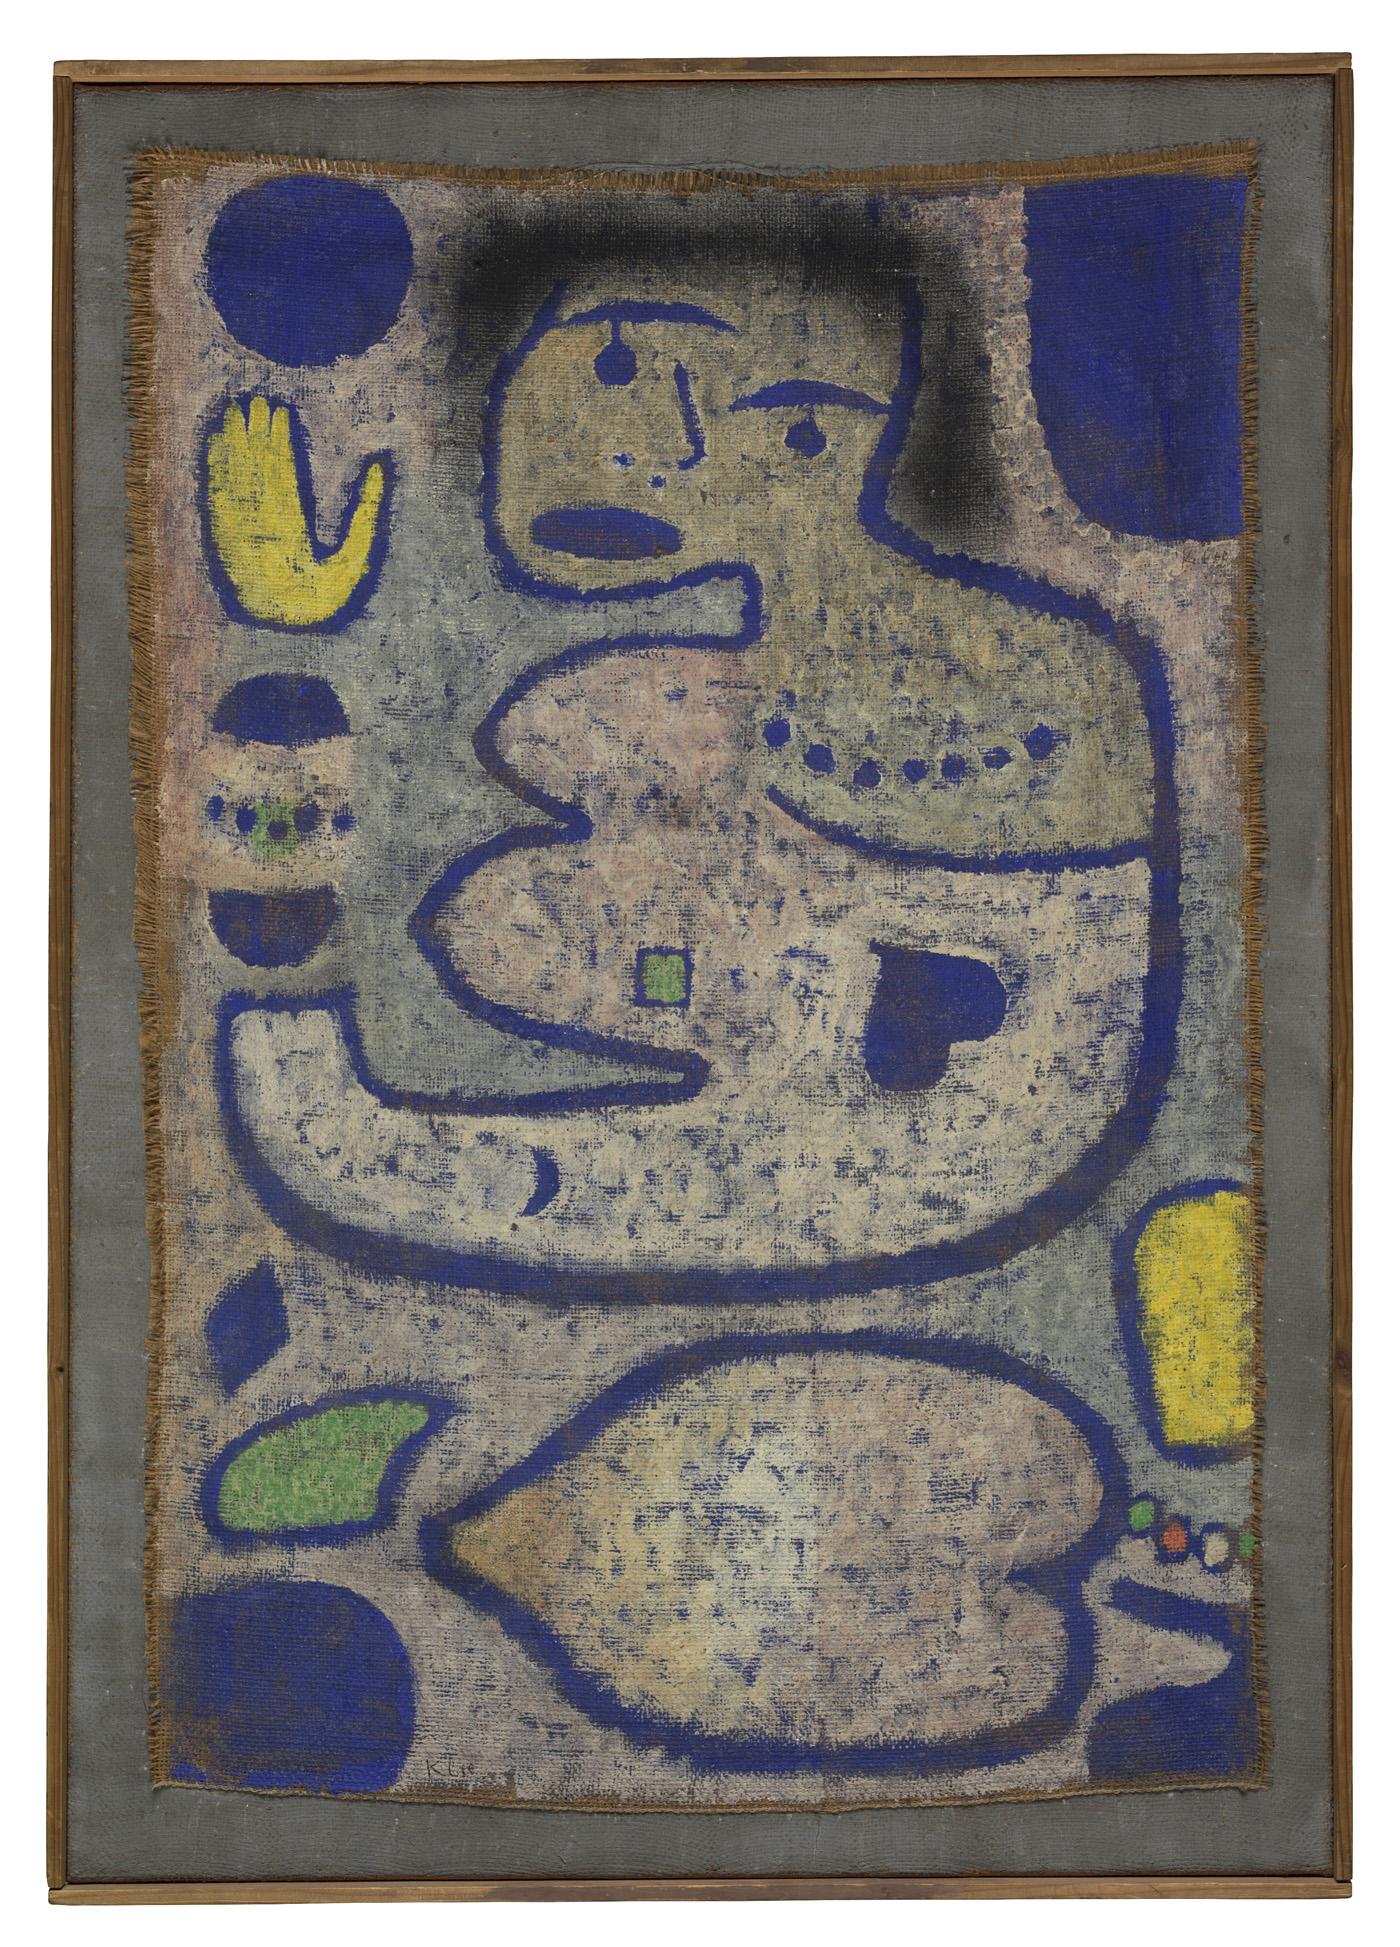 """Paul Klee, """"Liebeslied bei Neumond Chant d'amour à la nouvelle lune"""" (1939), watercolor on hessian canvas (Zentrum Paul Klee, Bern)"""